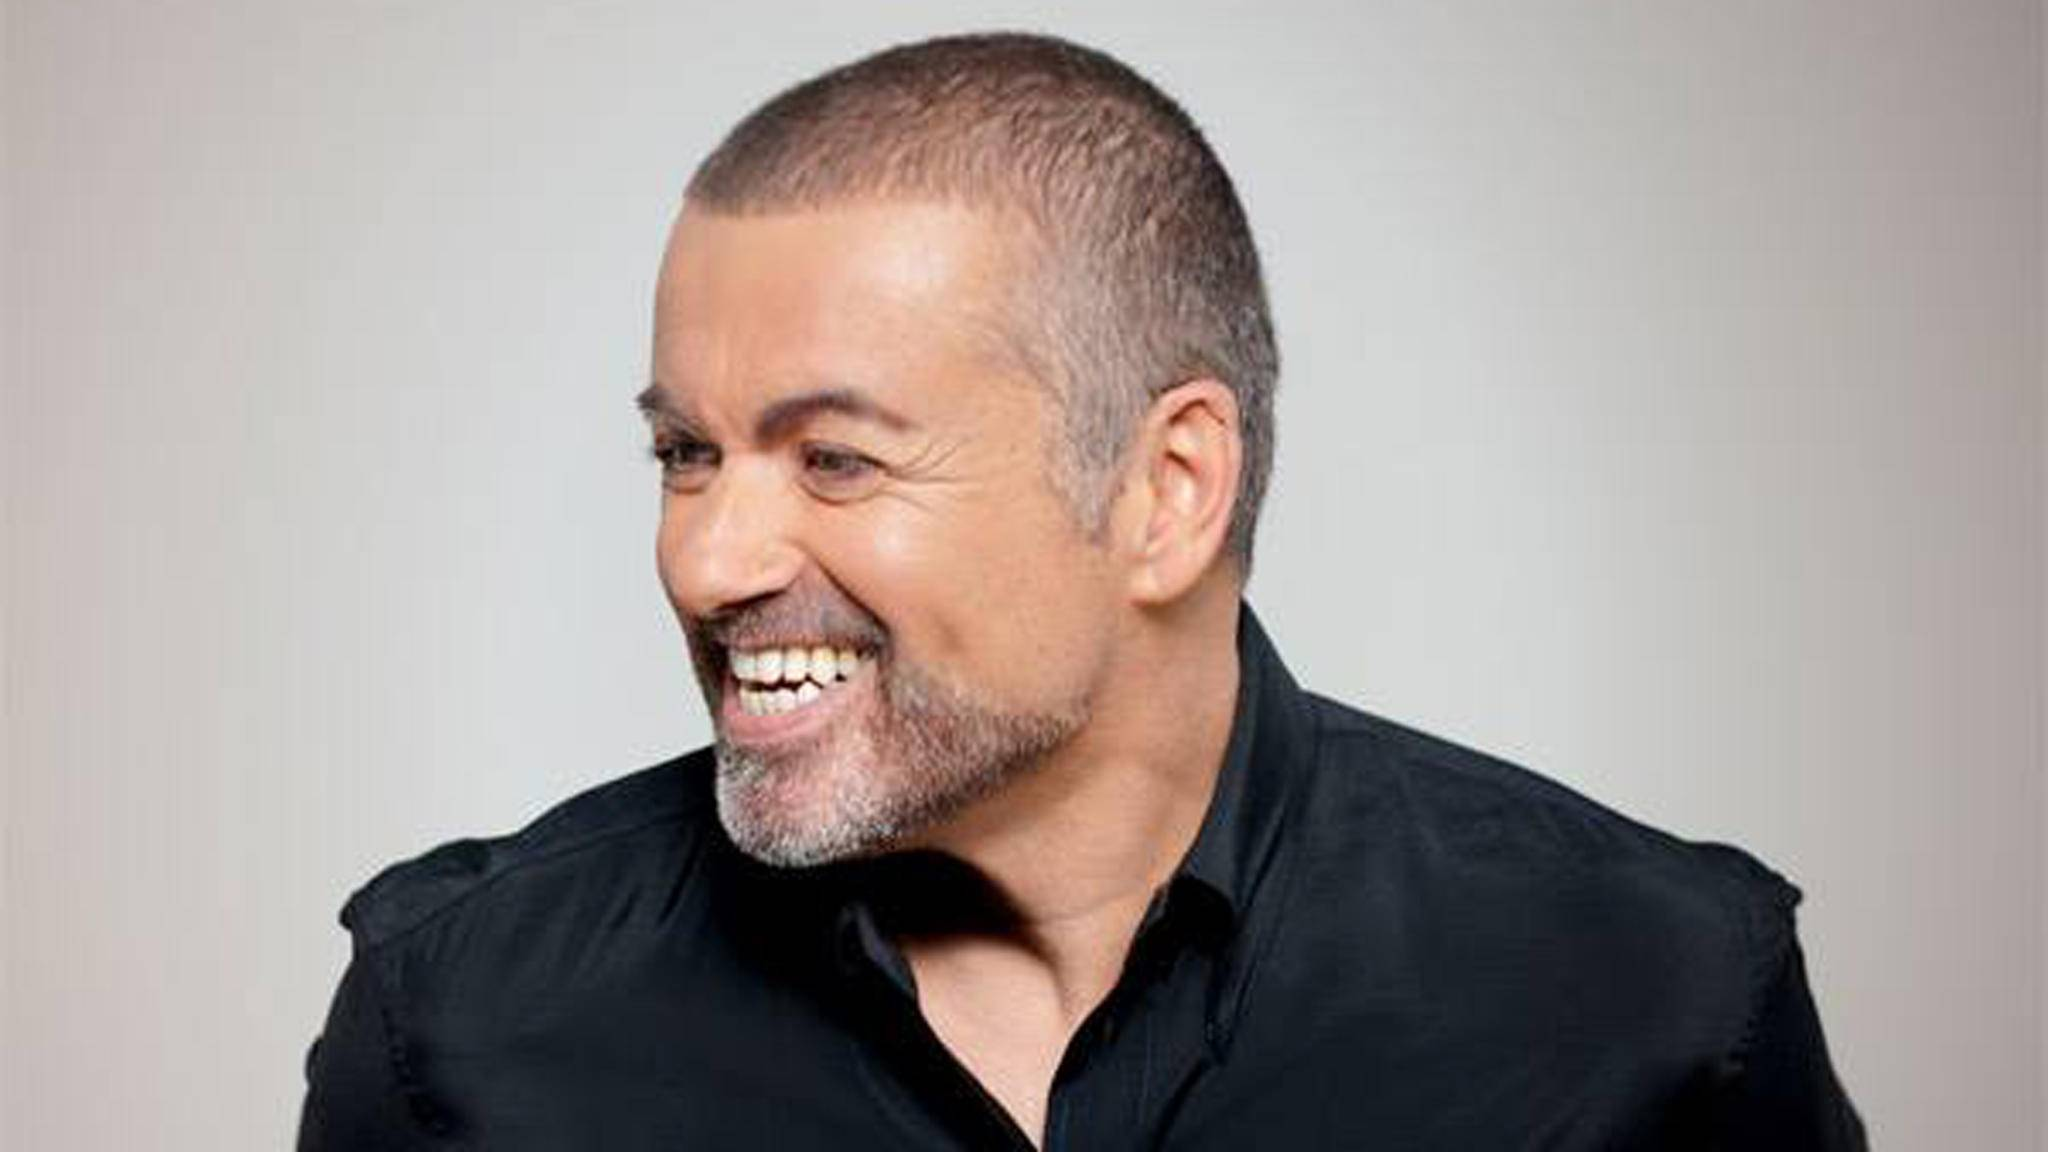 Gut gelaunter Popstar und depressiver Musiker: Die zwei Gesichter des George Michael.